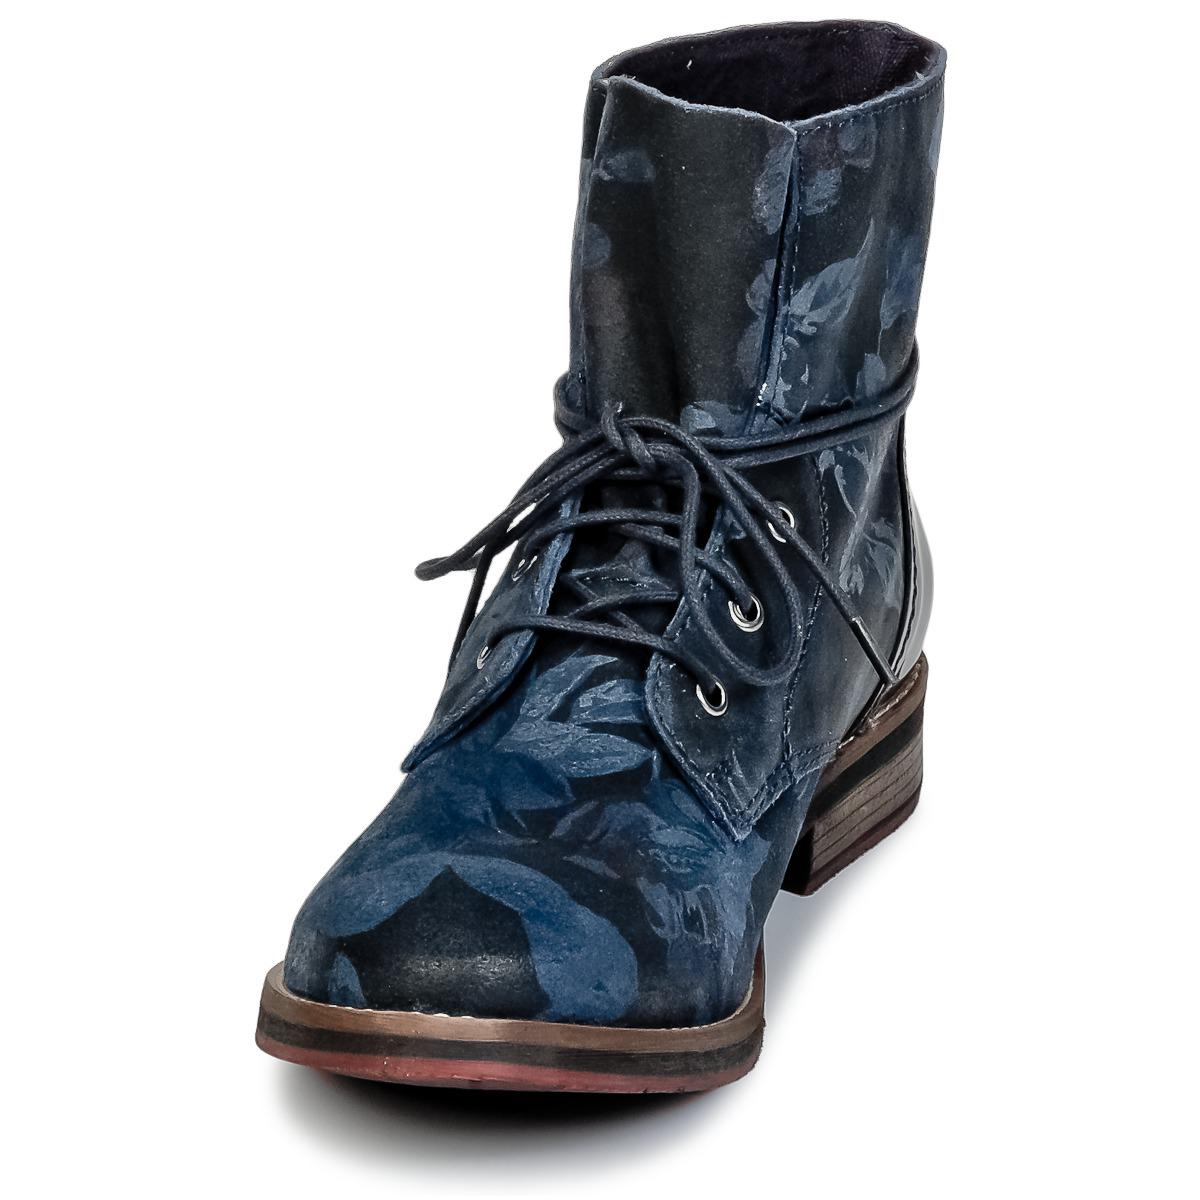 Lyst - JOBIALO femmes Boots en Bleu S.Oliver en coloris Bleu 315ba35ca7d